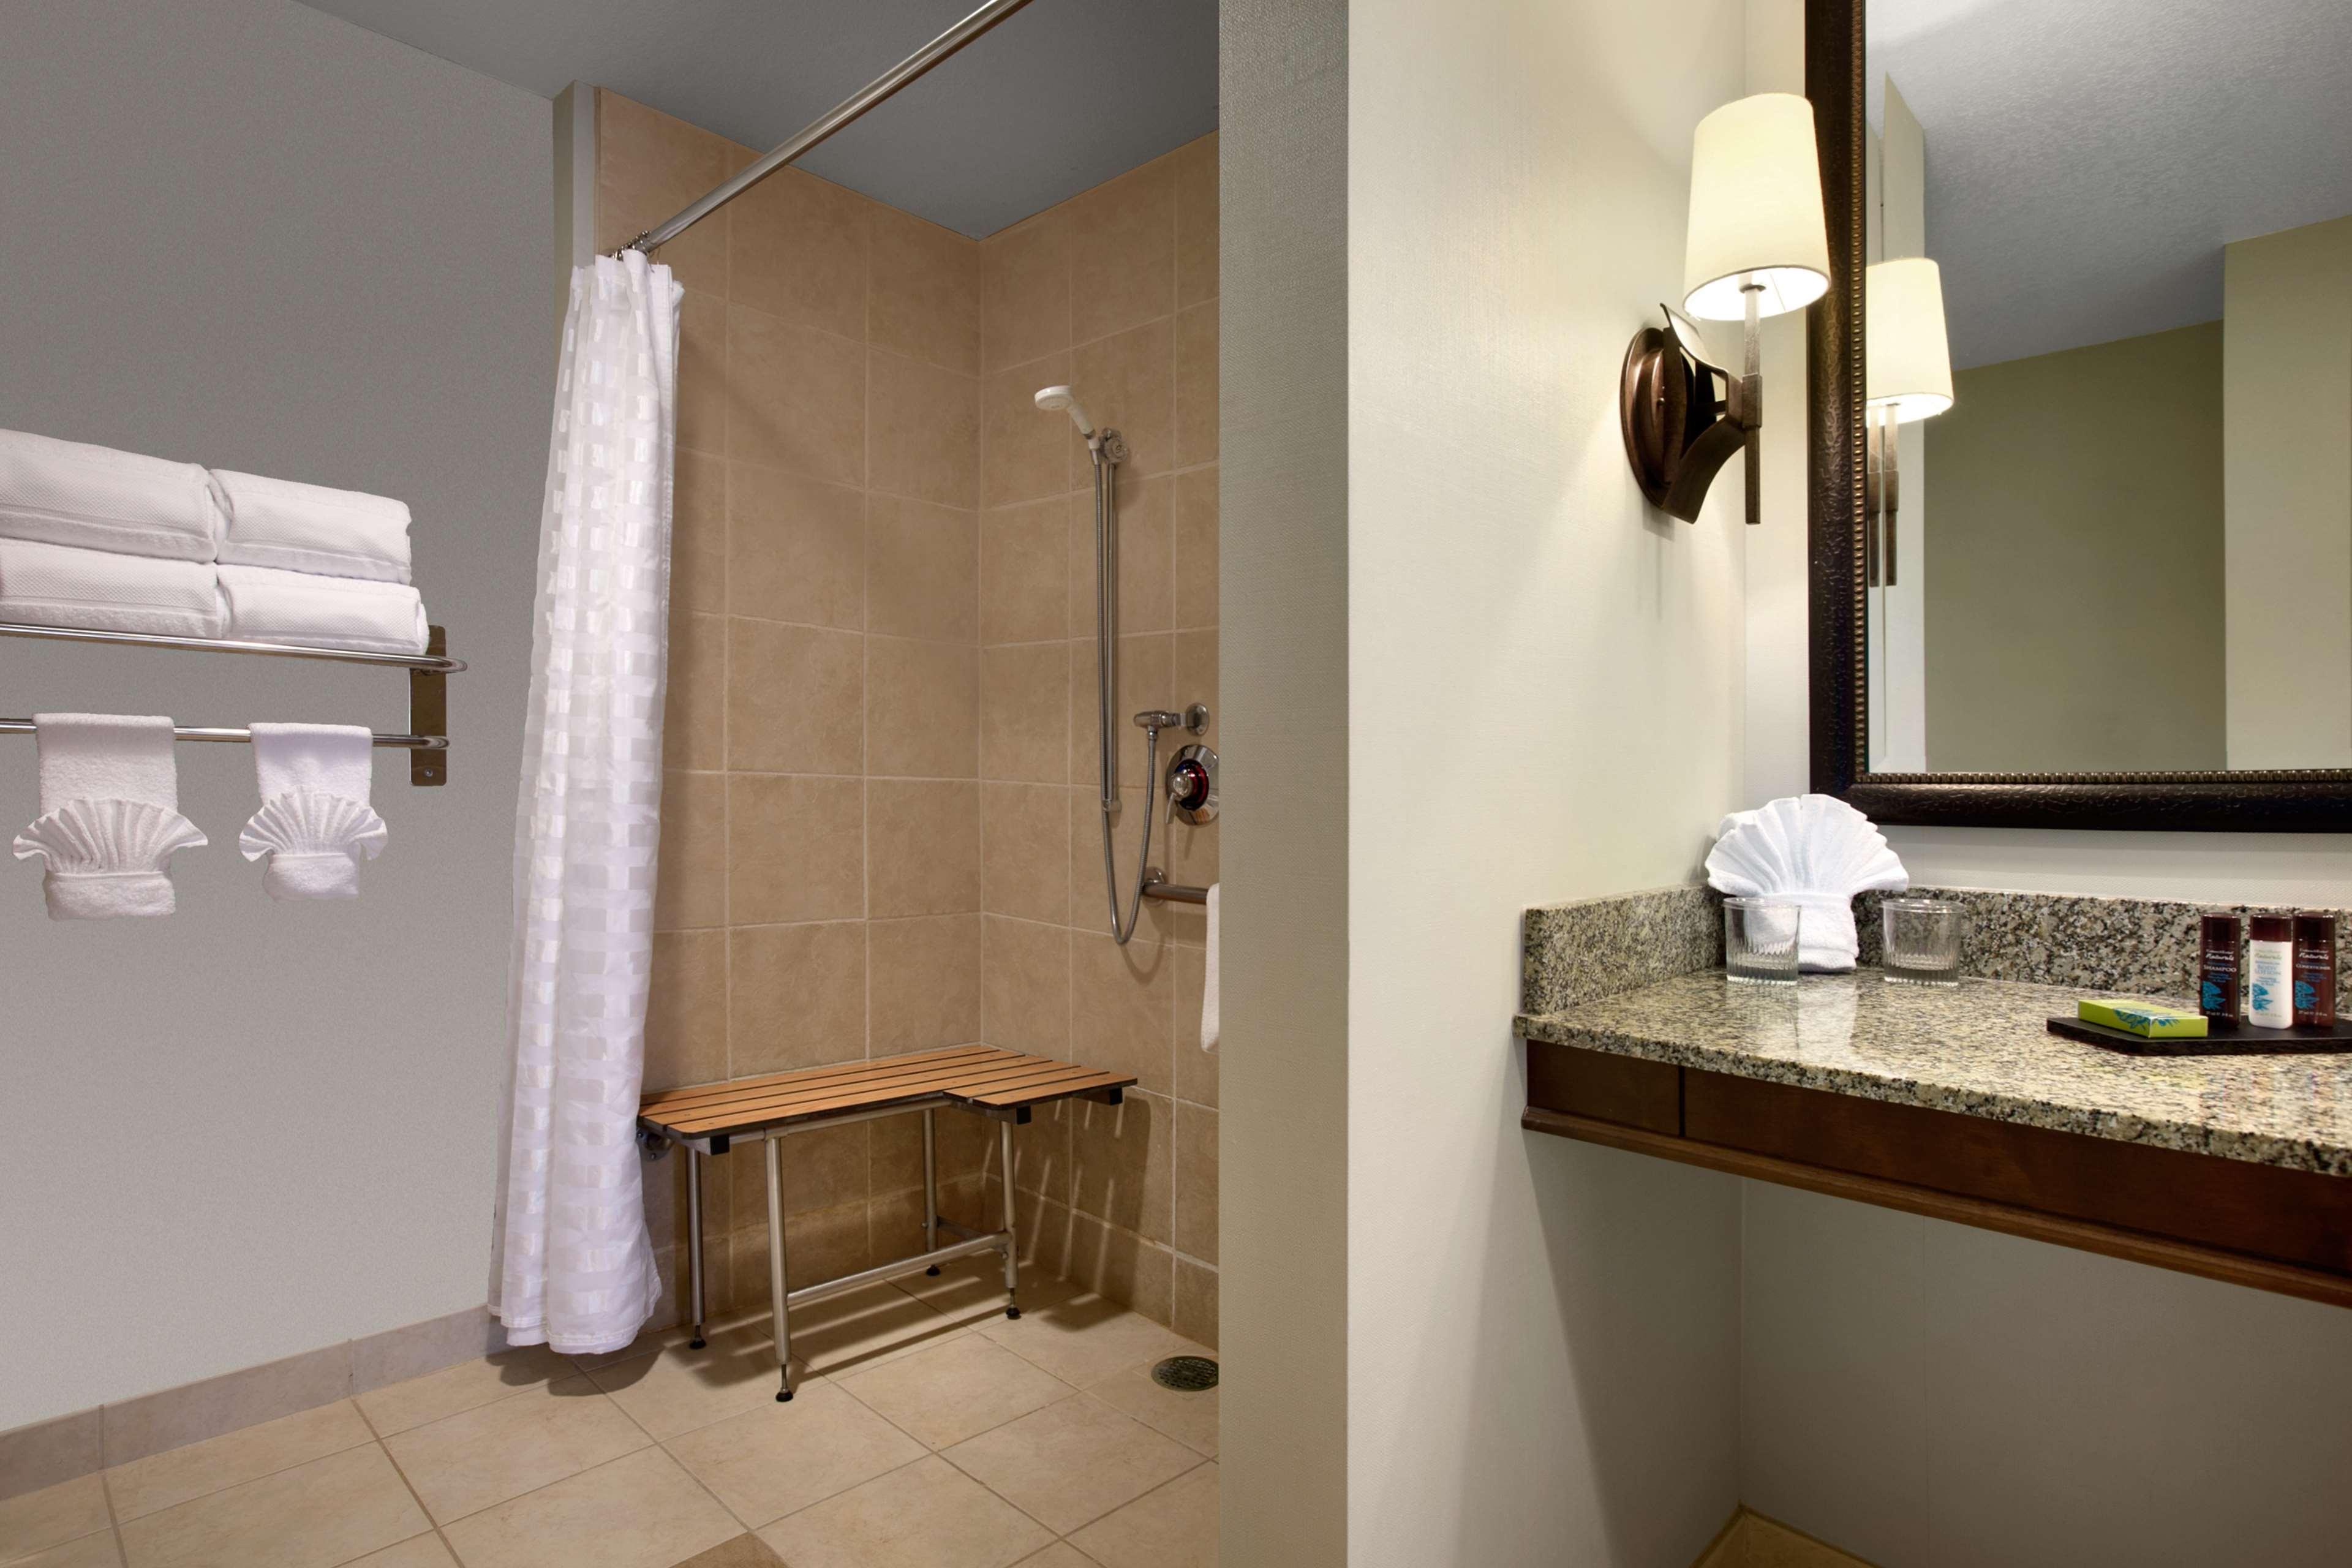 Embassy Suites by Hilton La Quinta Hotel & Spa image 20